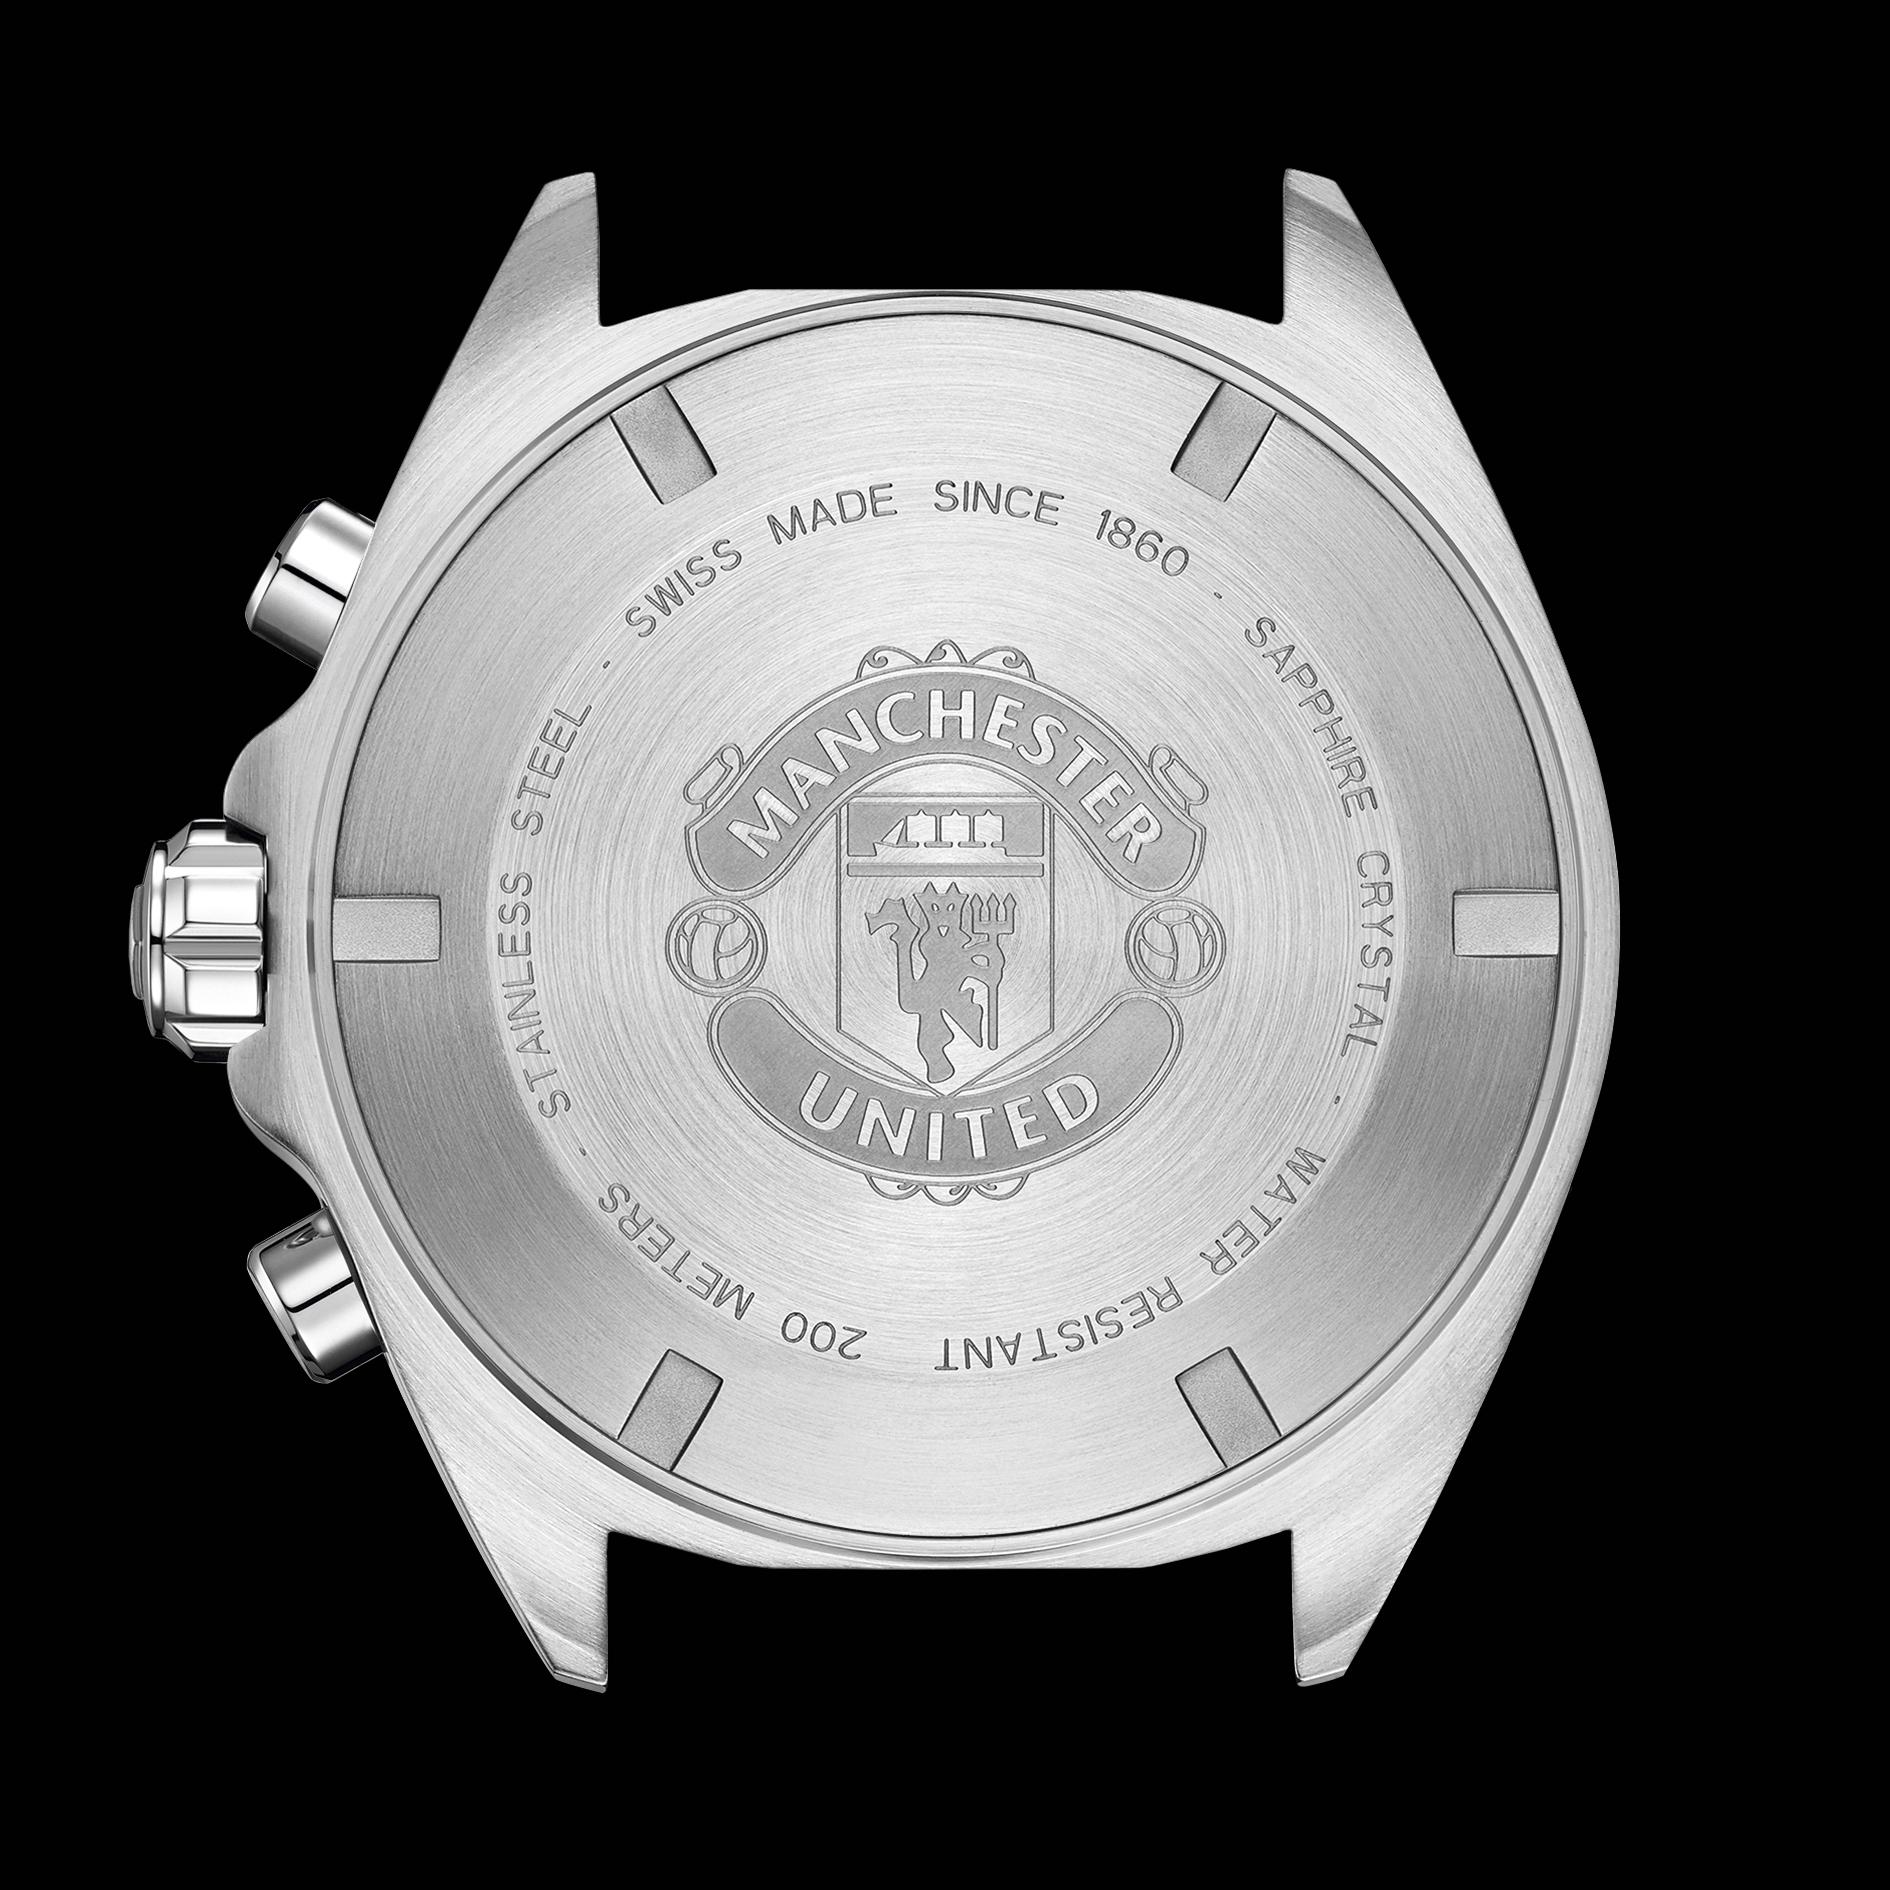 TAG Heuer presenta le nuove edizioni speciali Manchester United